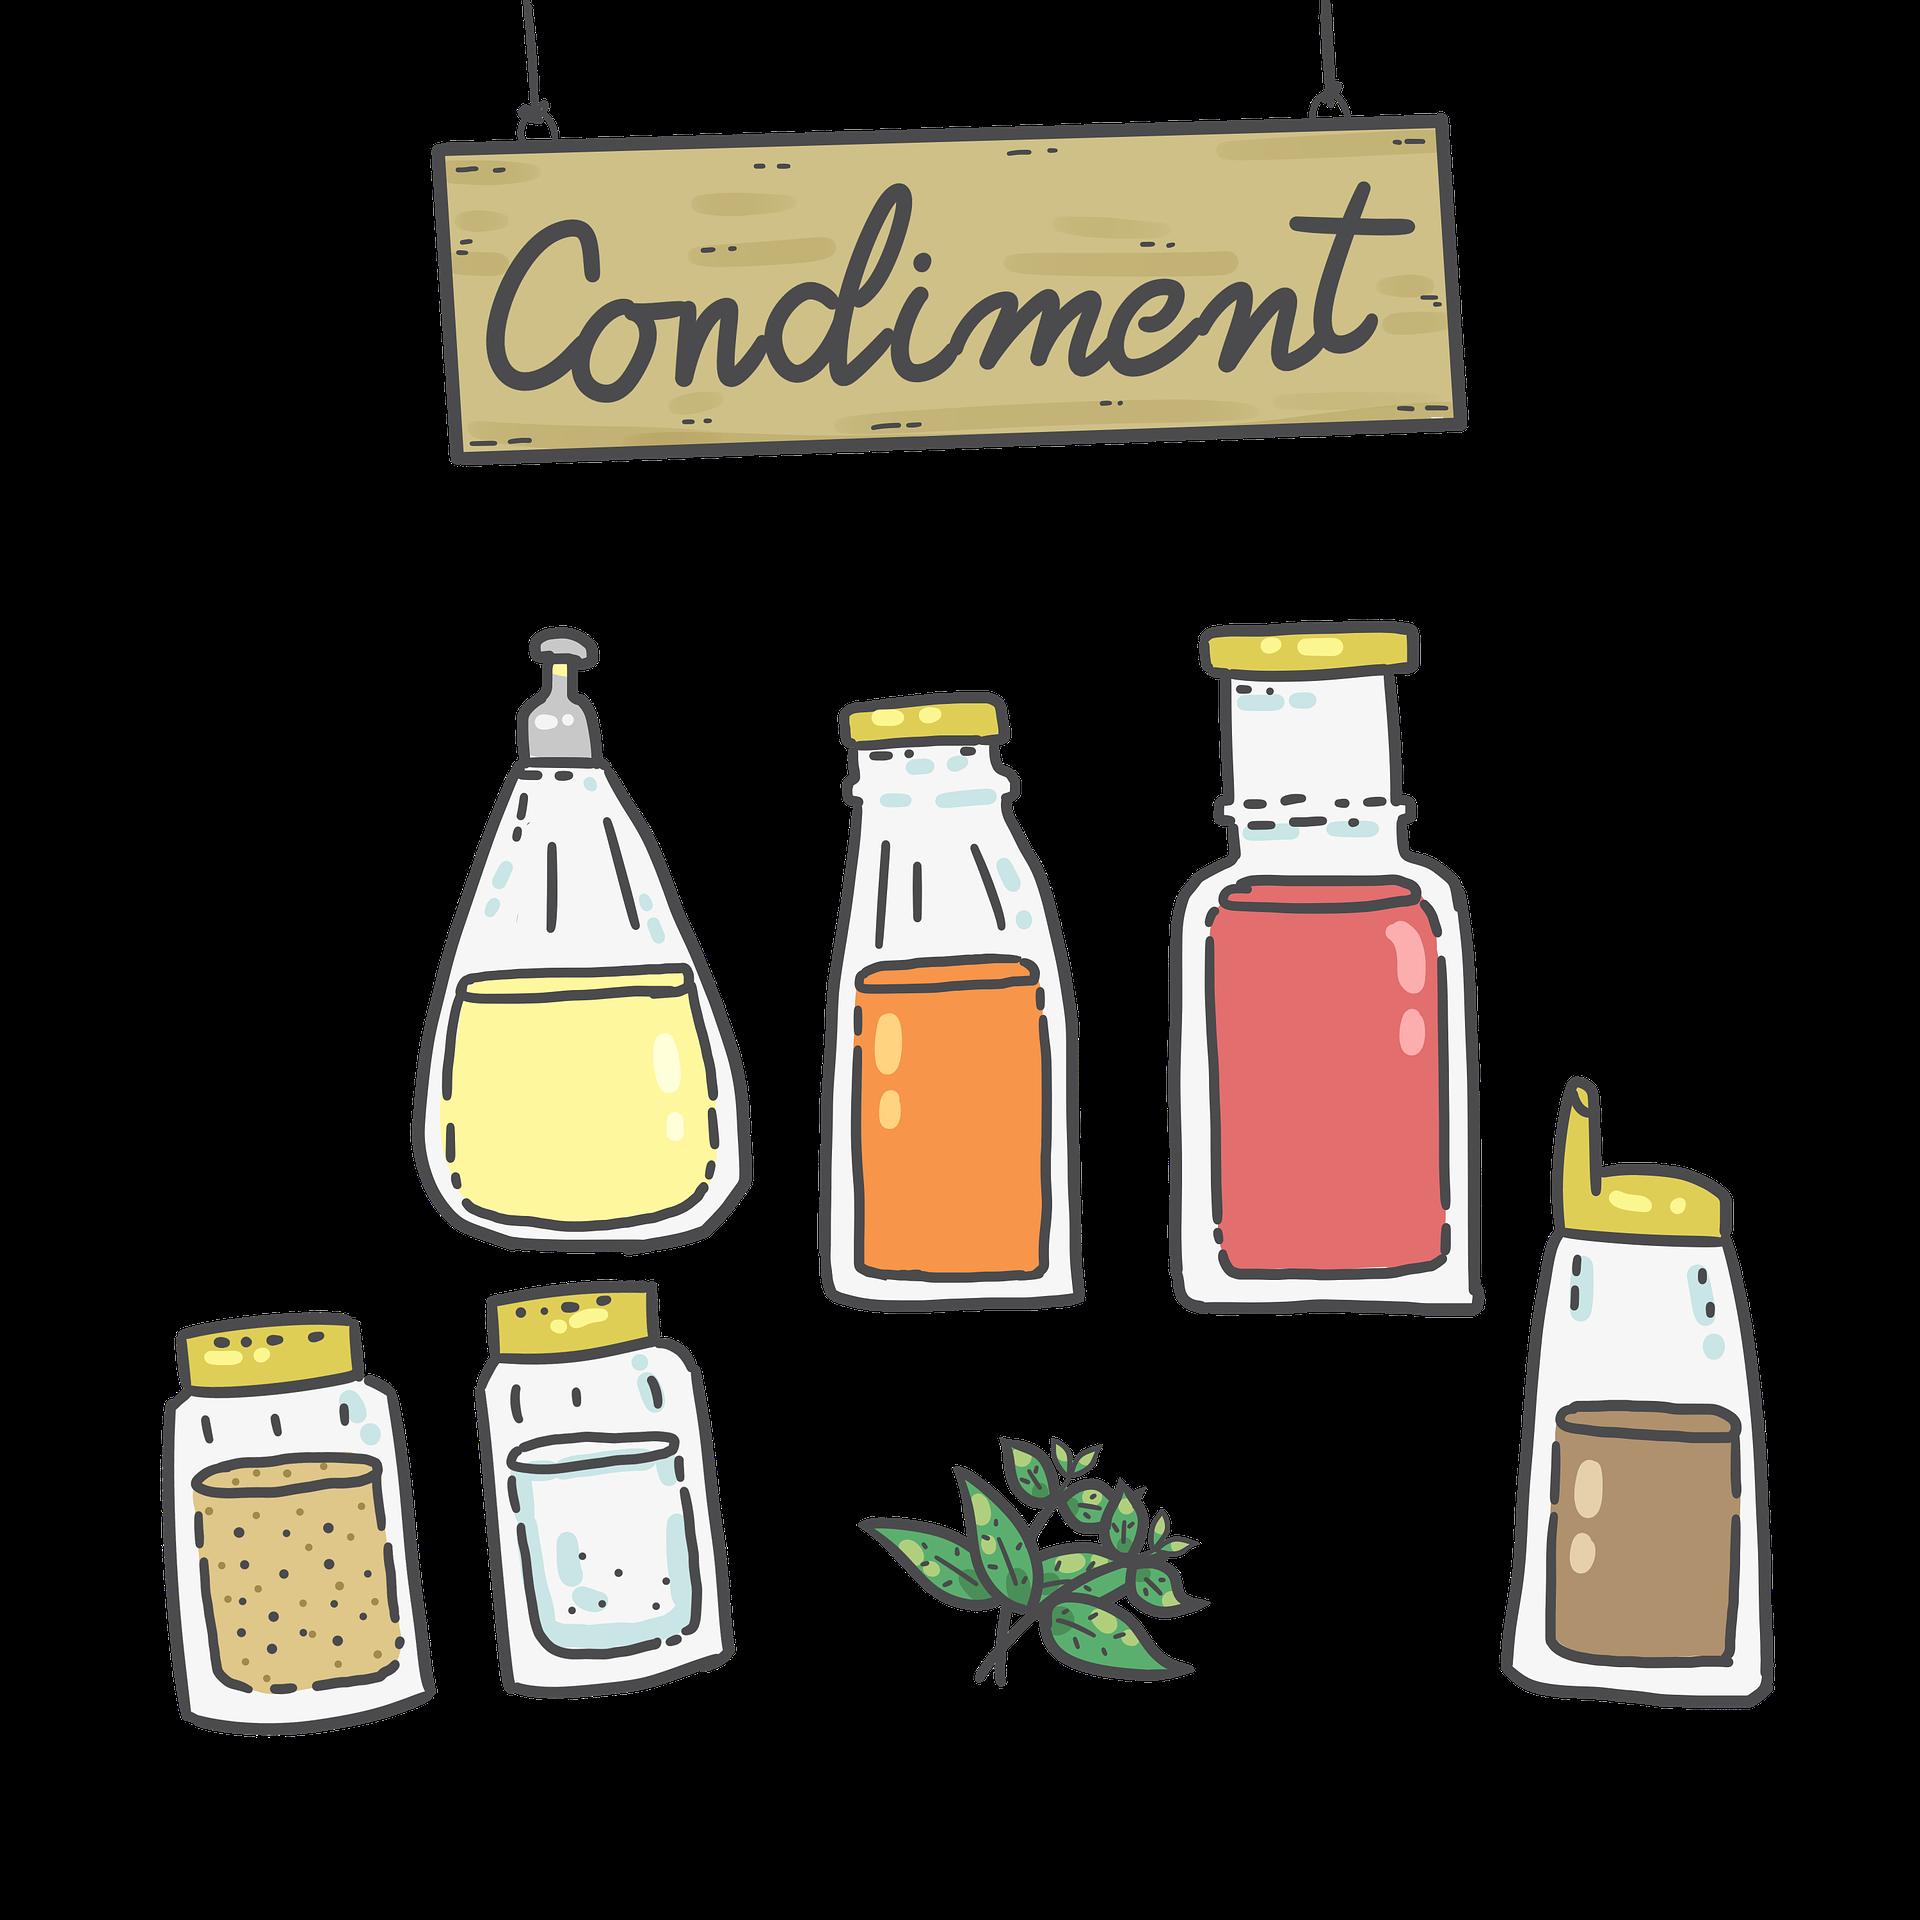 condiment-3634963_1920